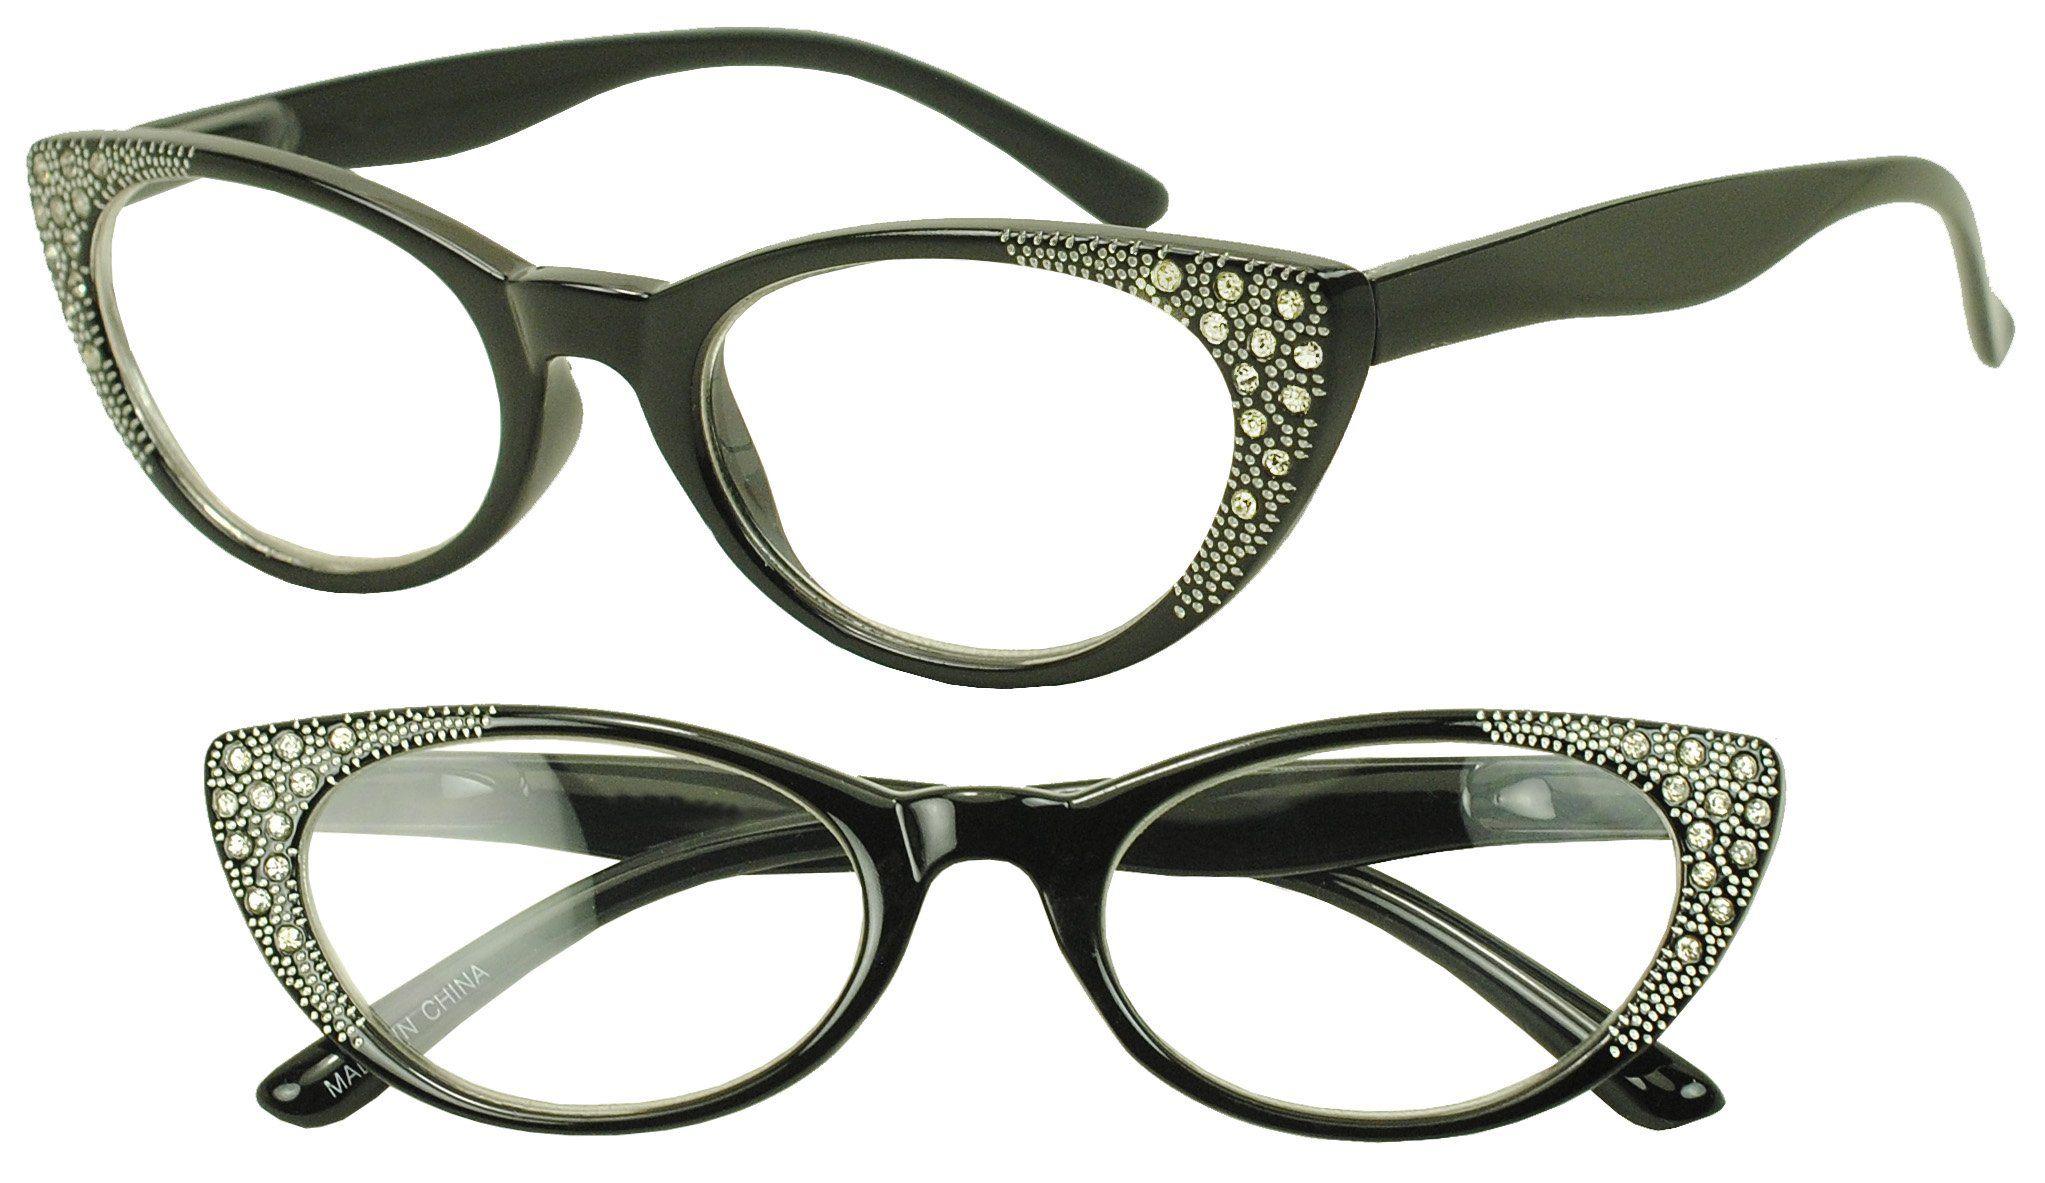 7fff2bb713 Round Pointed Cat Eye Rx +1.00 - +3.50 Prescription Eye Glasses with  Rhinestones (Black